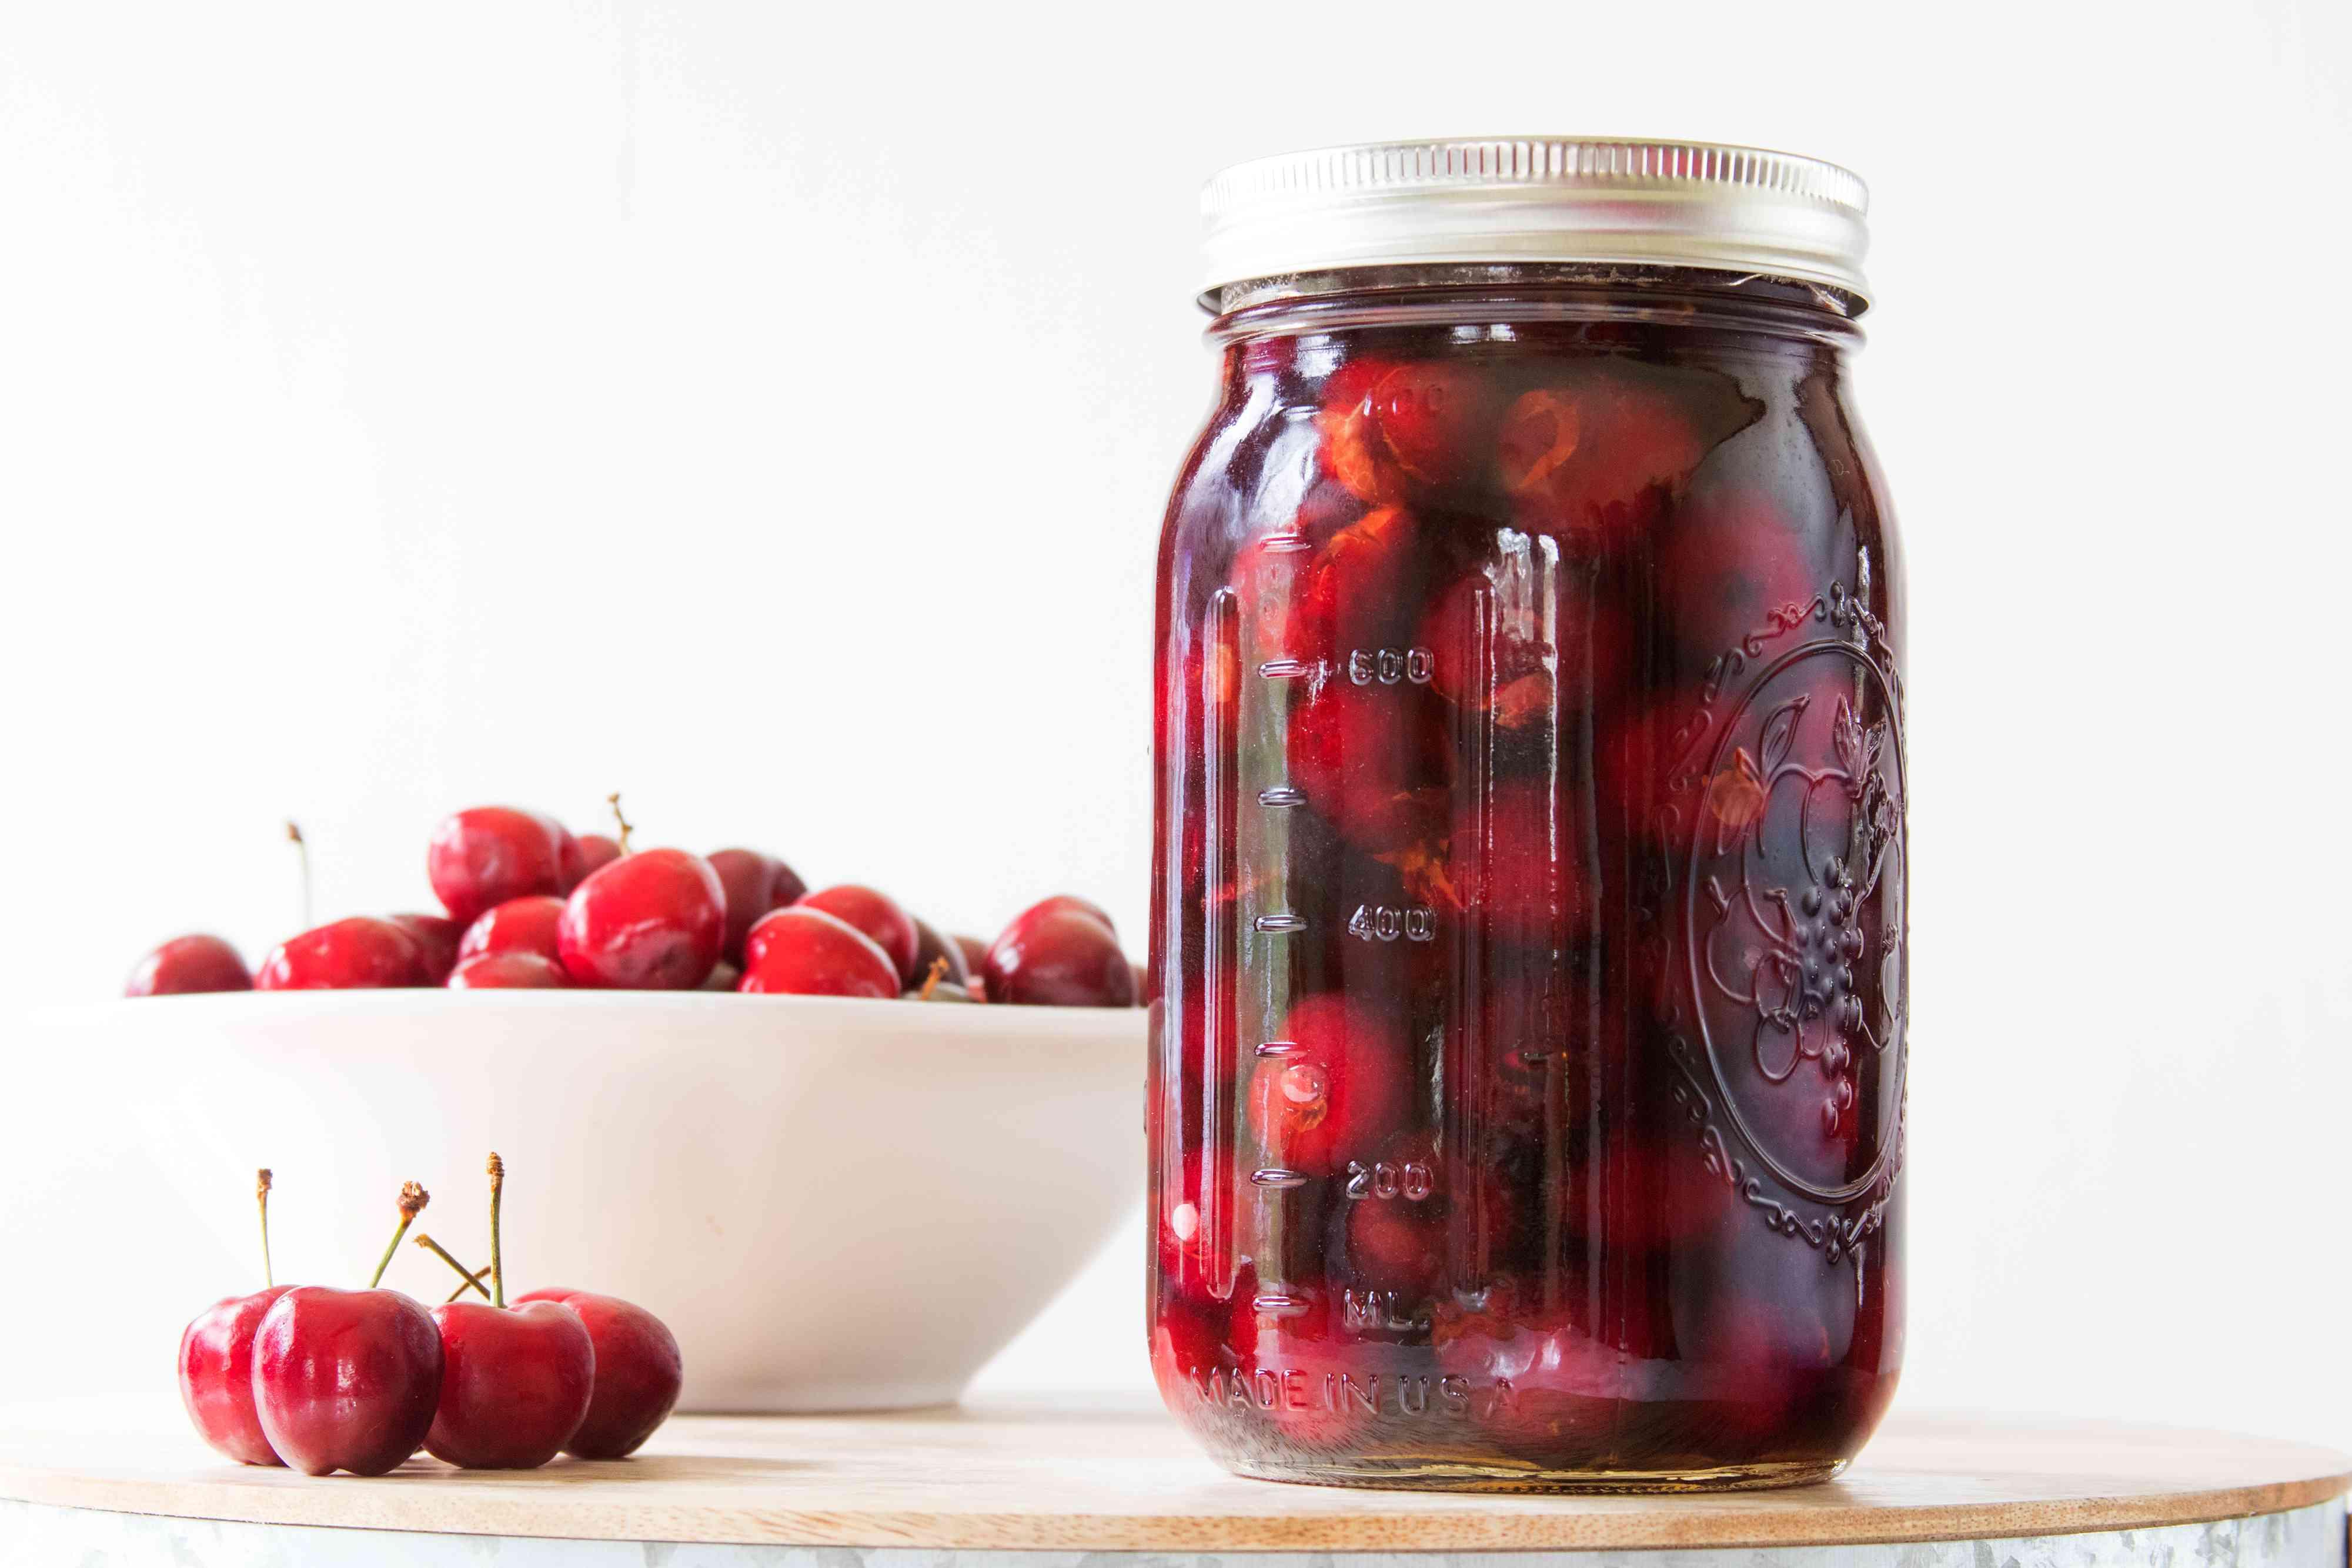 Homemade Brandied Cherries